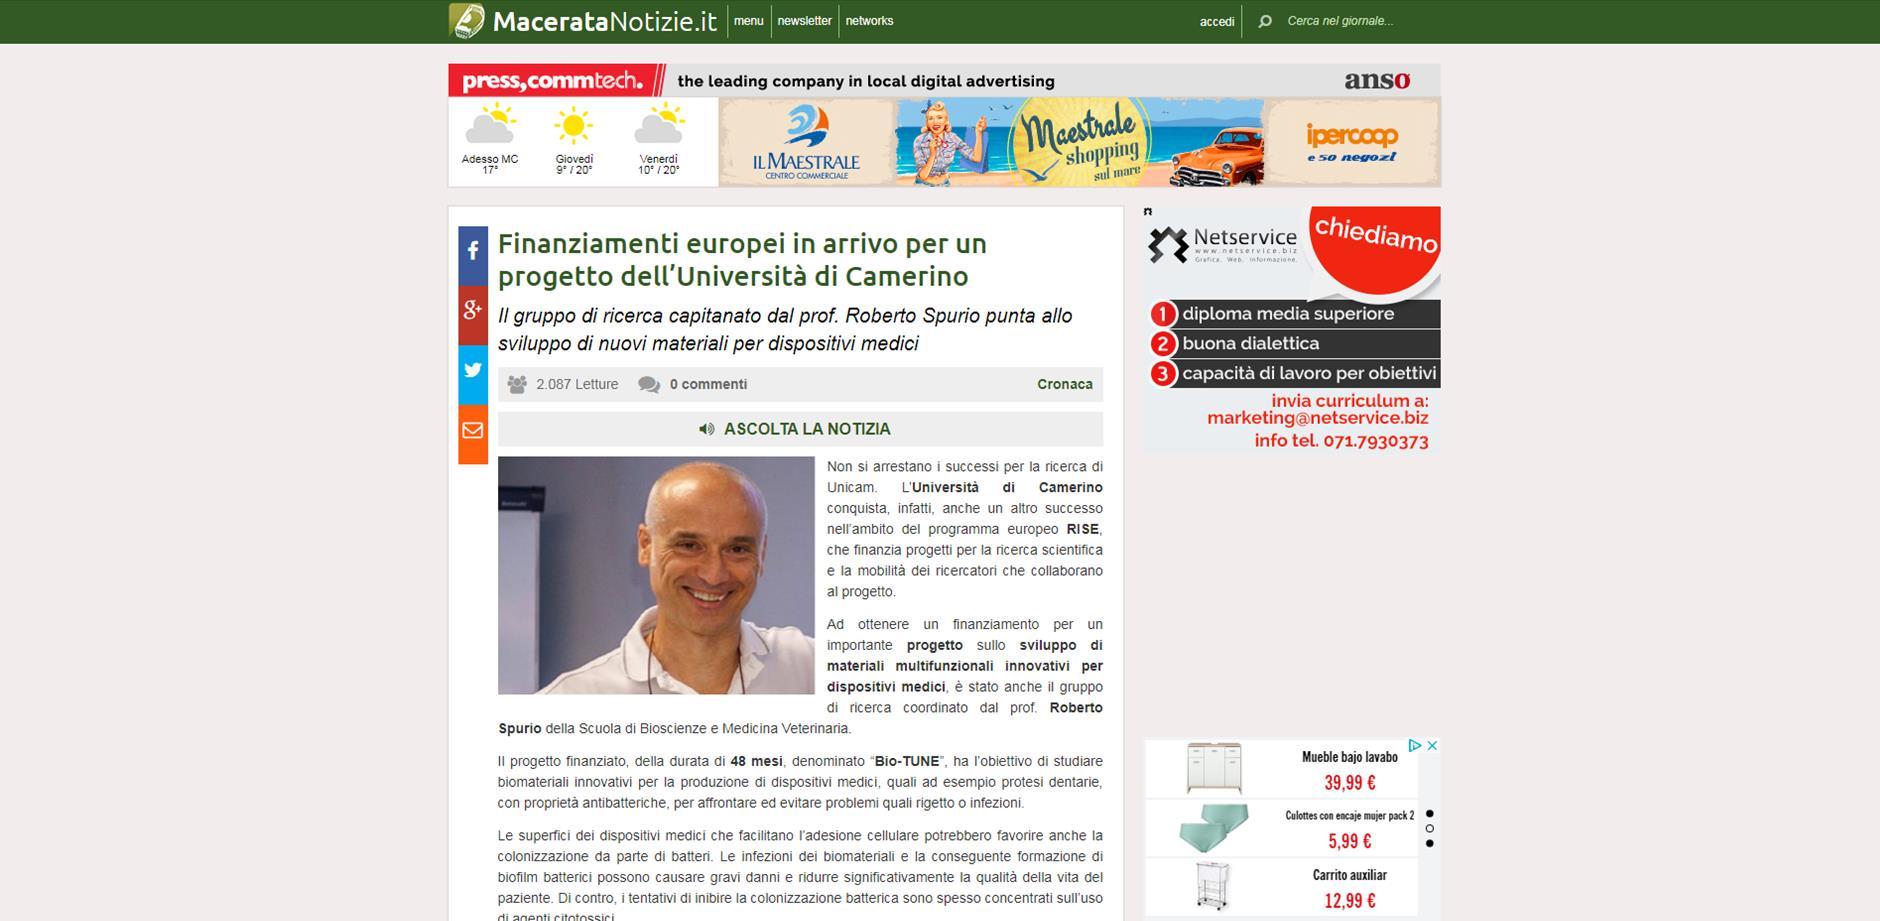 Finanziamenti europei in arrivo per un progetto dell'Università di Camerino